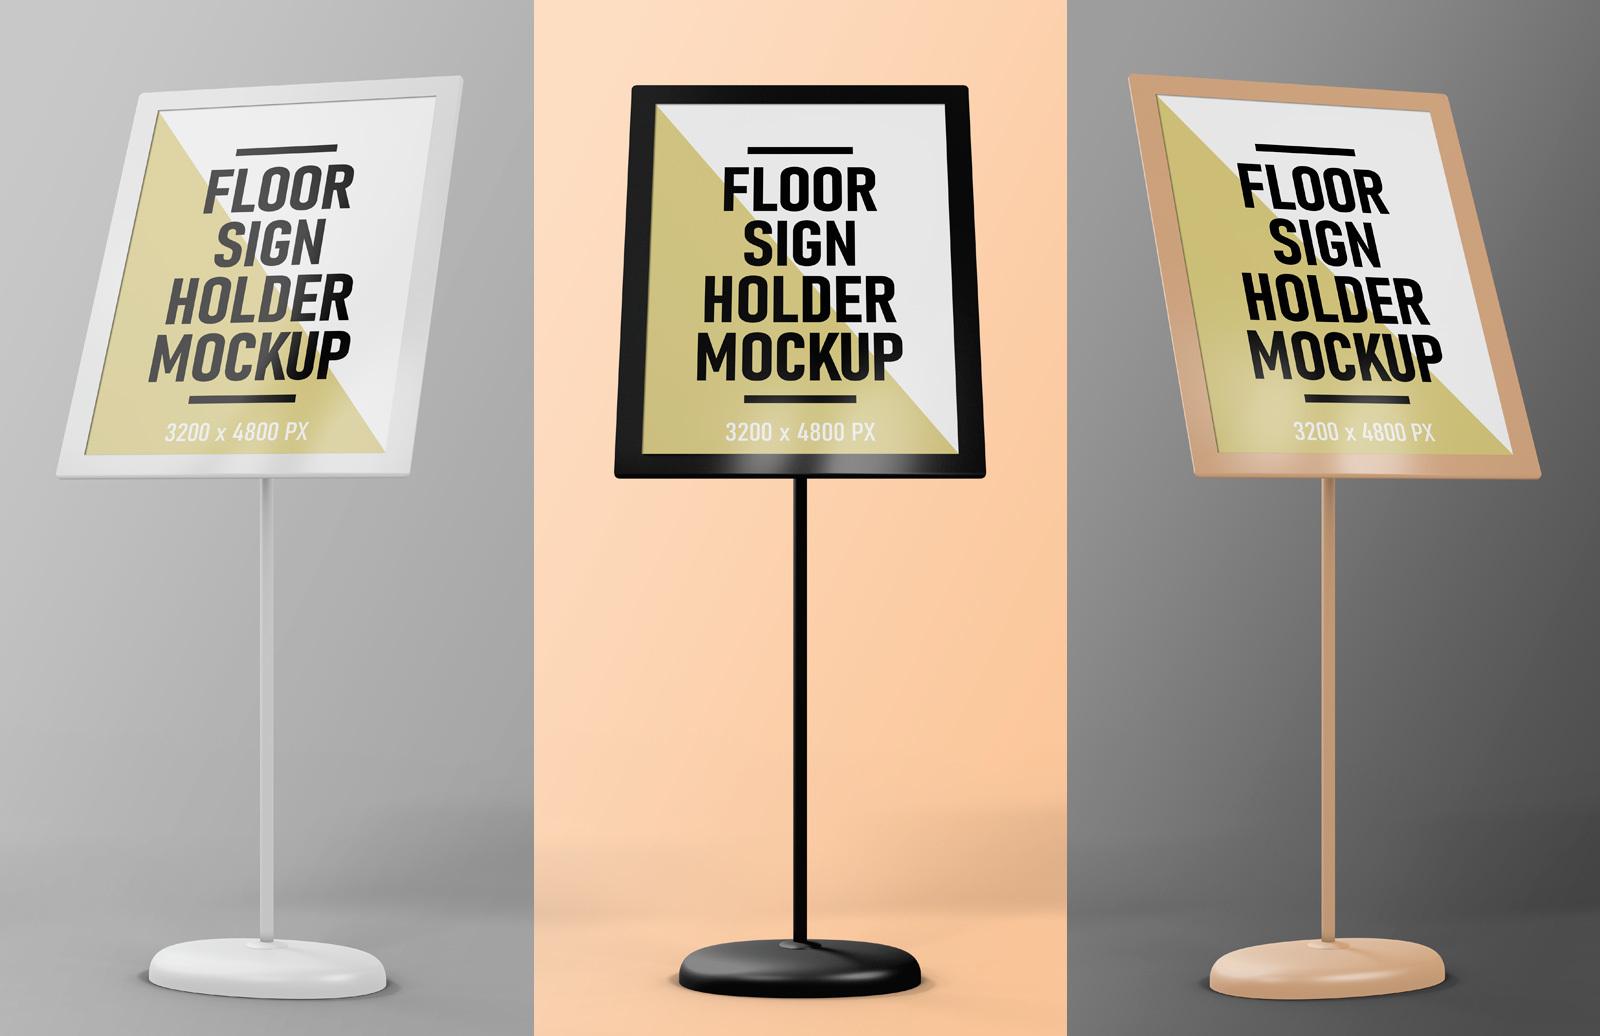 Floor Sign Holder Mockup Preview 1